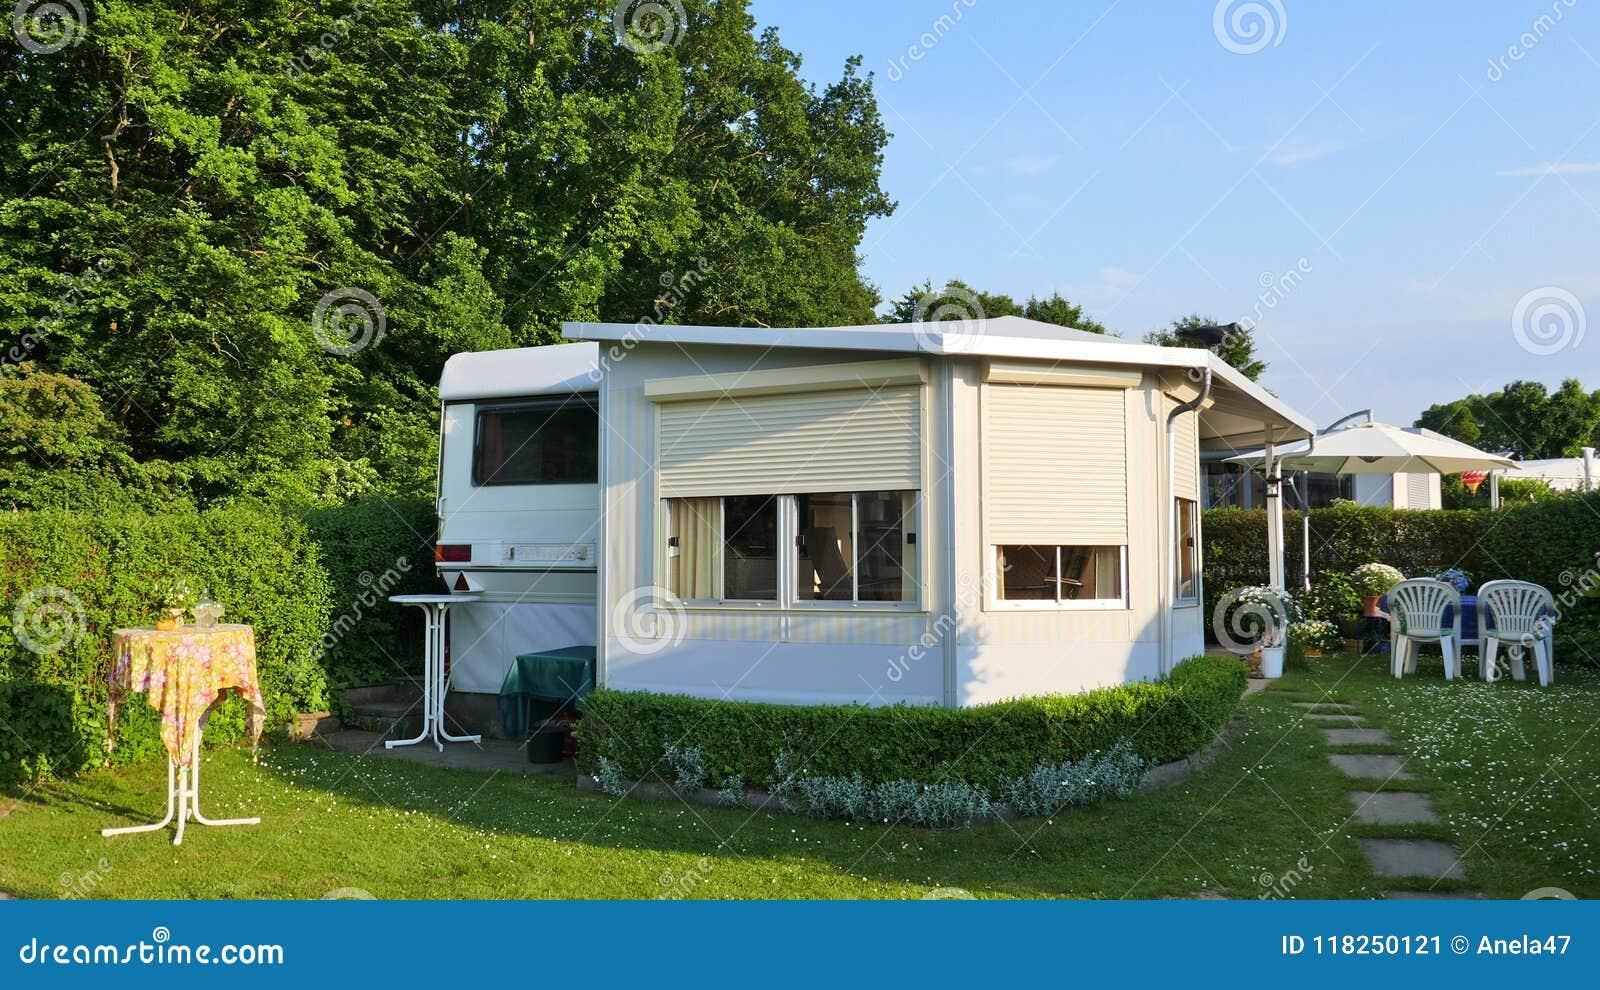 有一个固定的游廊的有蓬卡车由遮篷织品、玻璃可调整窗口和窗帘做成在德国露营地